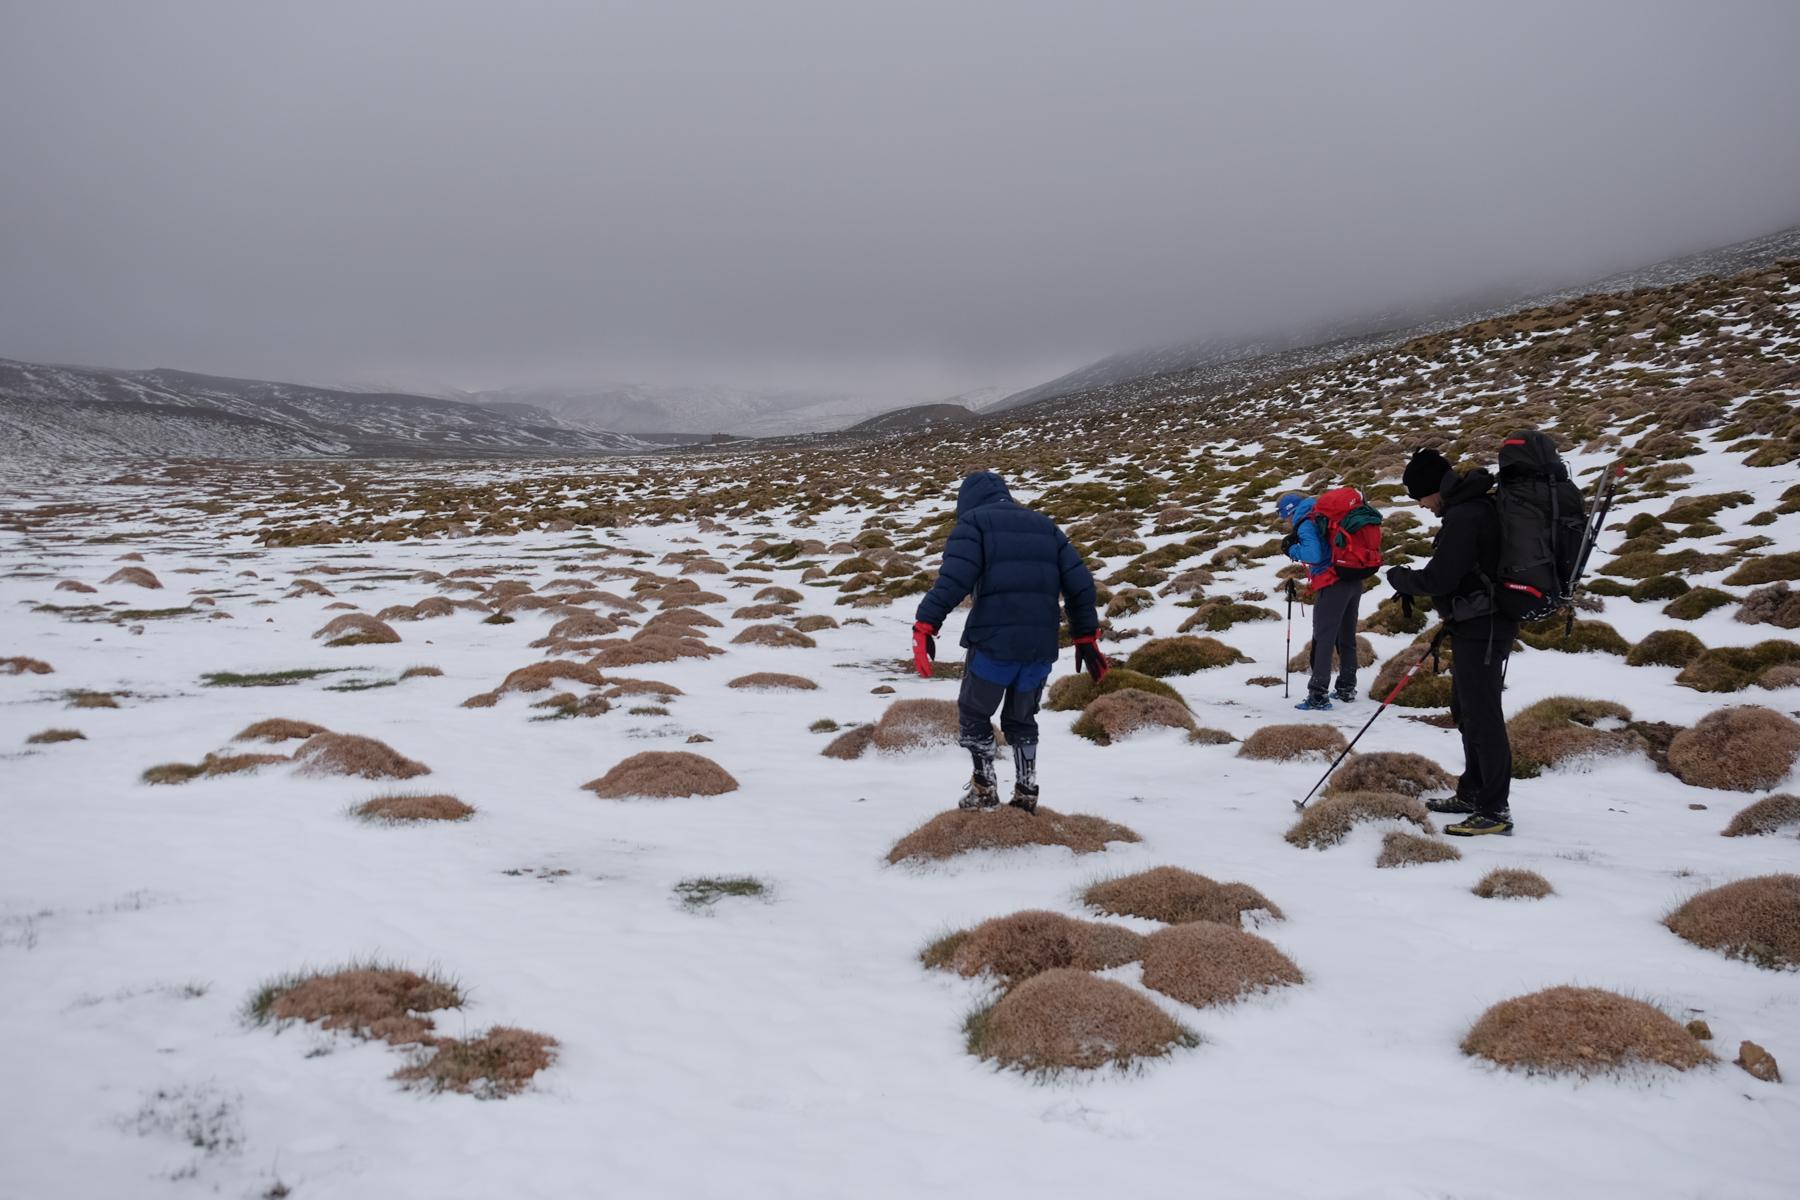 Jebel M'Goun, Ait Bouguemez, Maroc 29